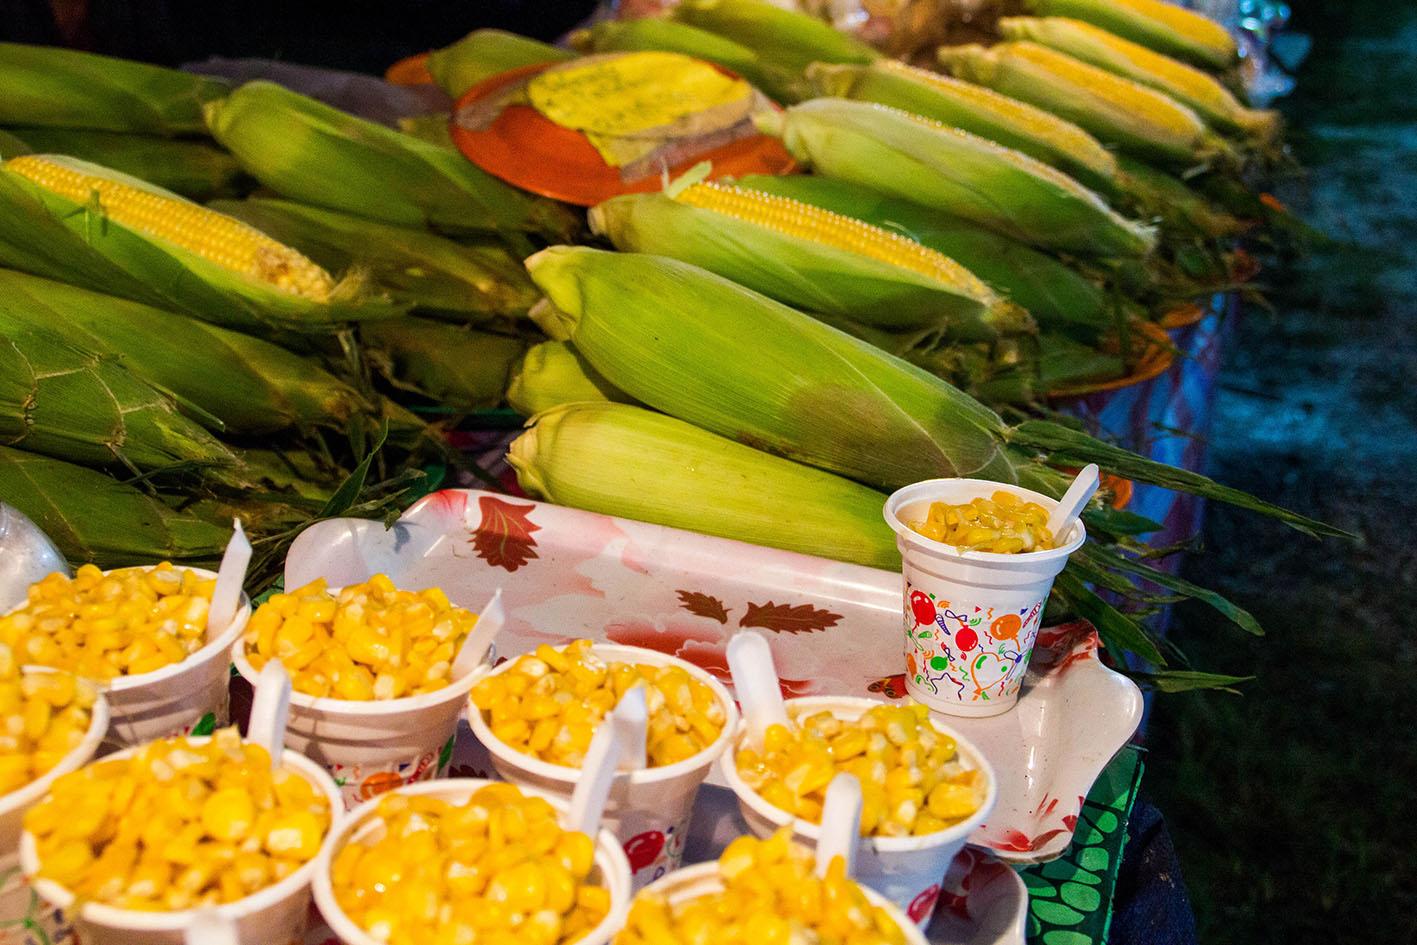 Sweet corn.